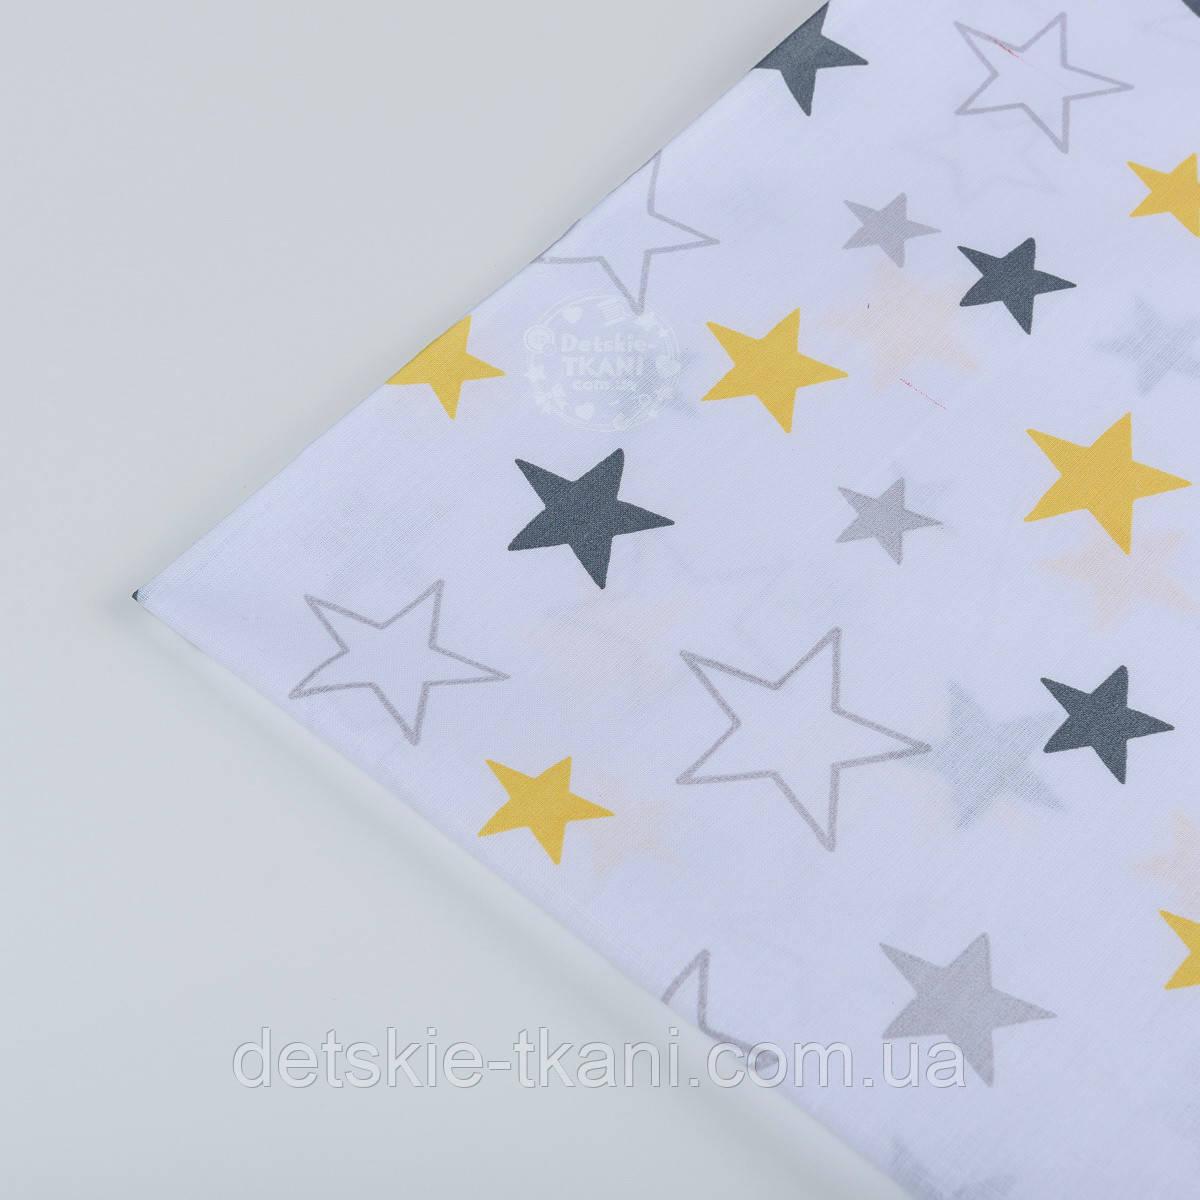 """Лоскут ткани №1038а  """"Звёздный карнавал"""" с серыми и жёлтыми звёздами на белом фоне"""